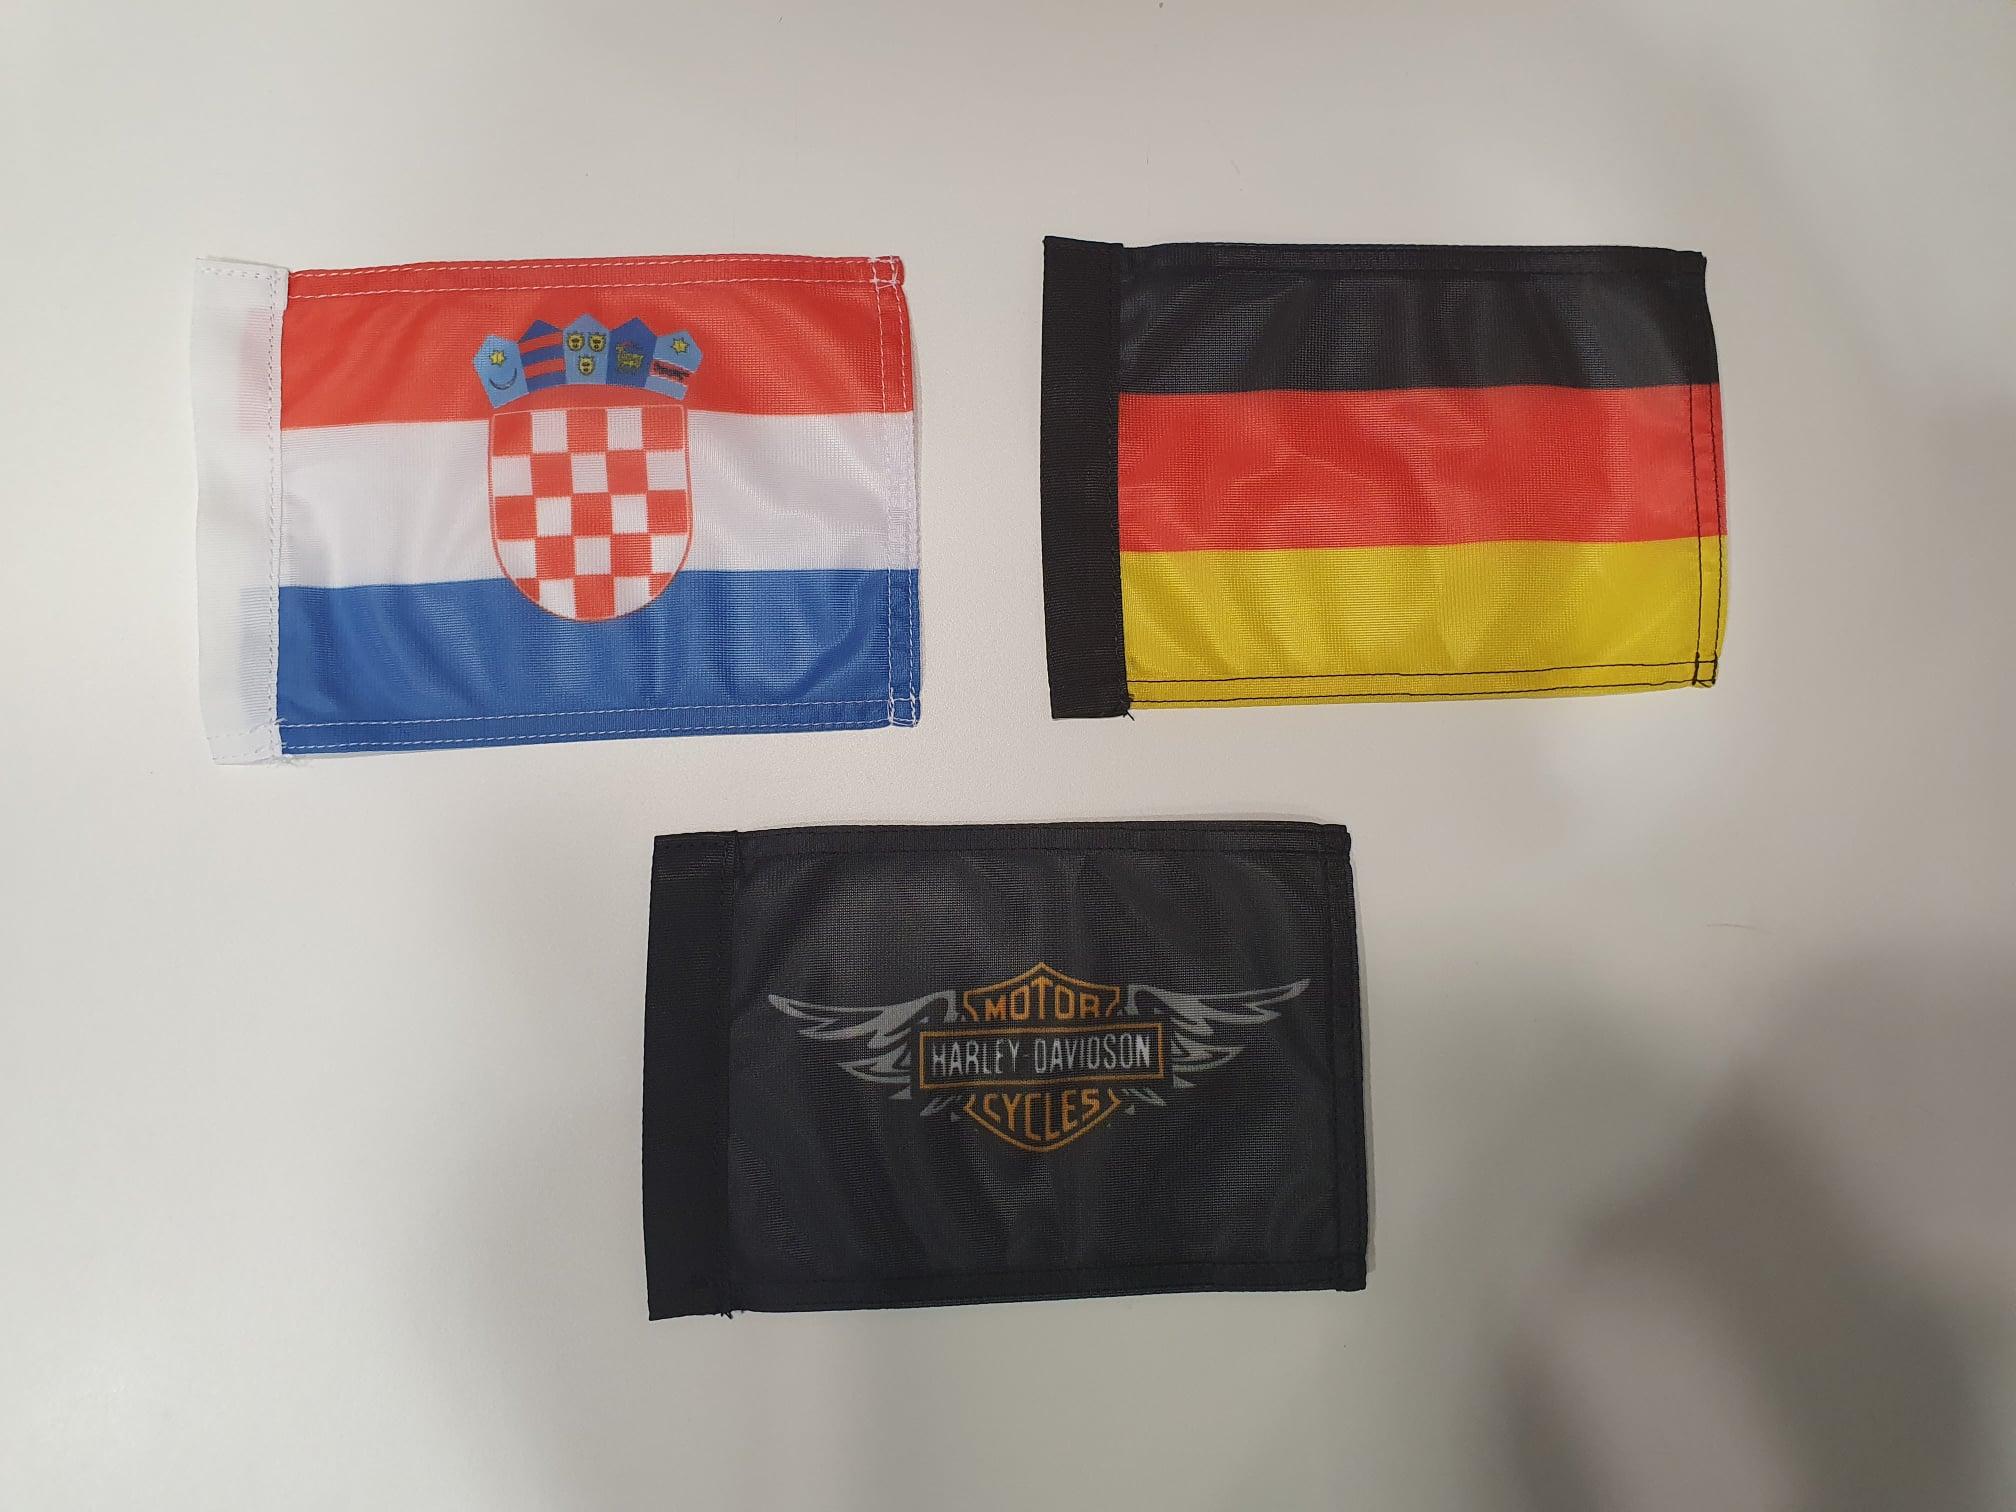 Zastavice za motor